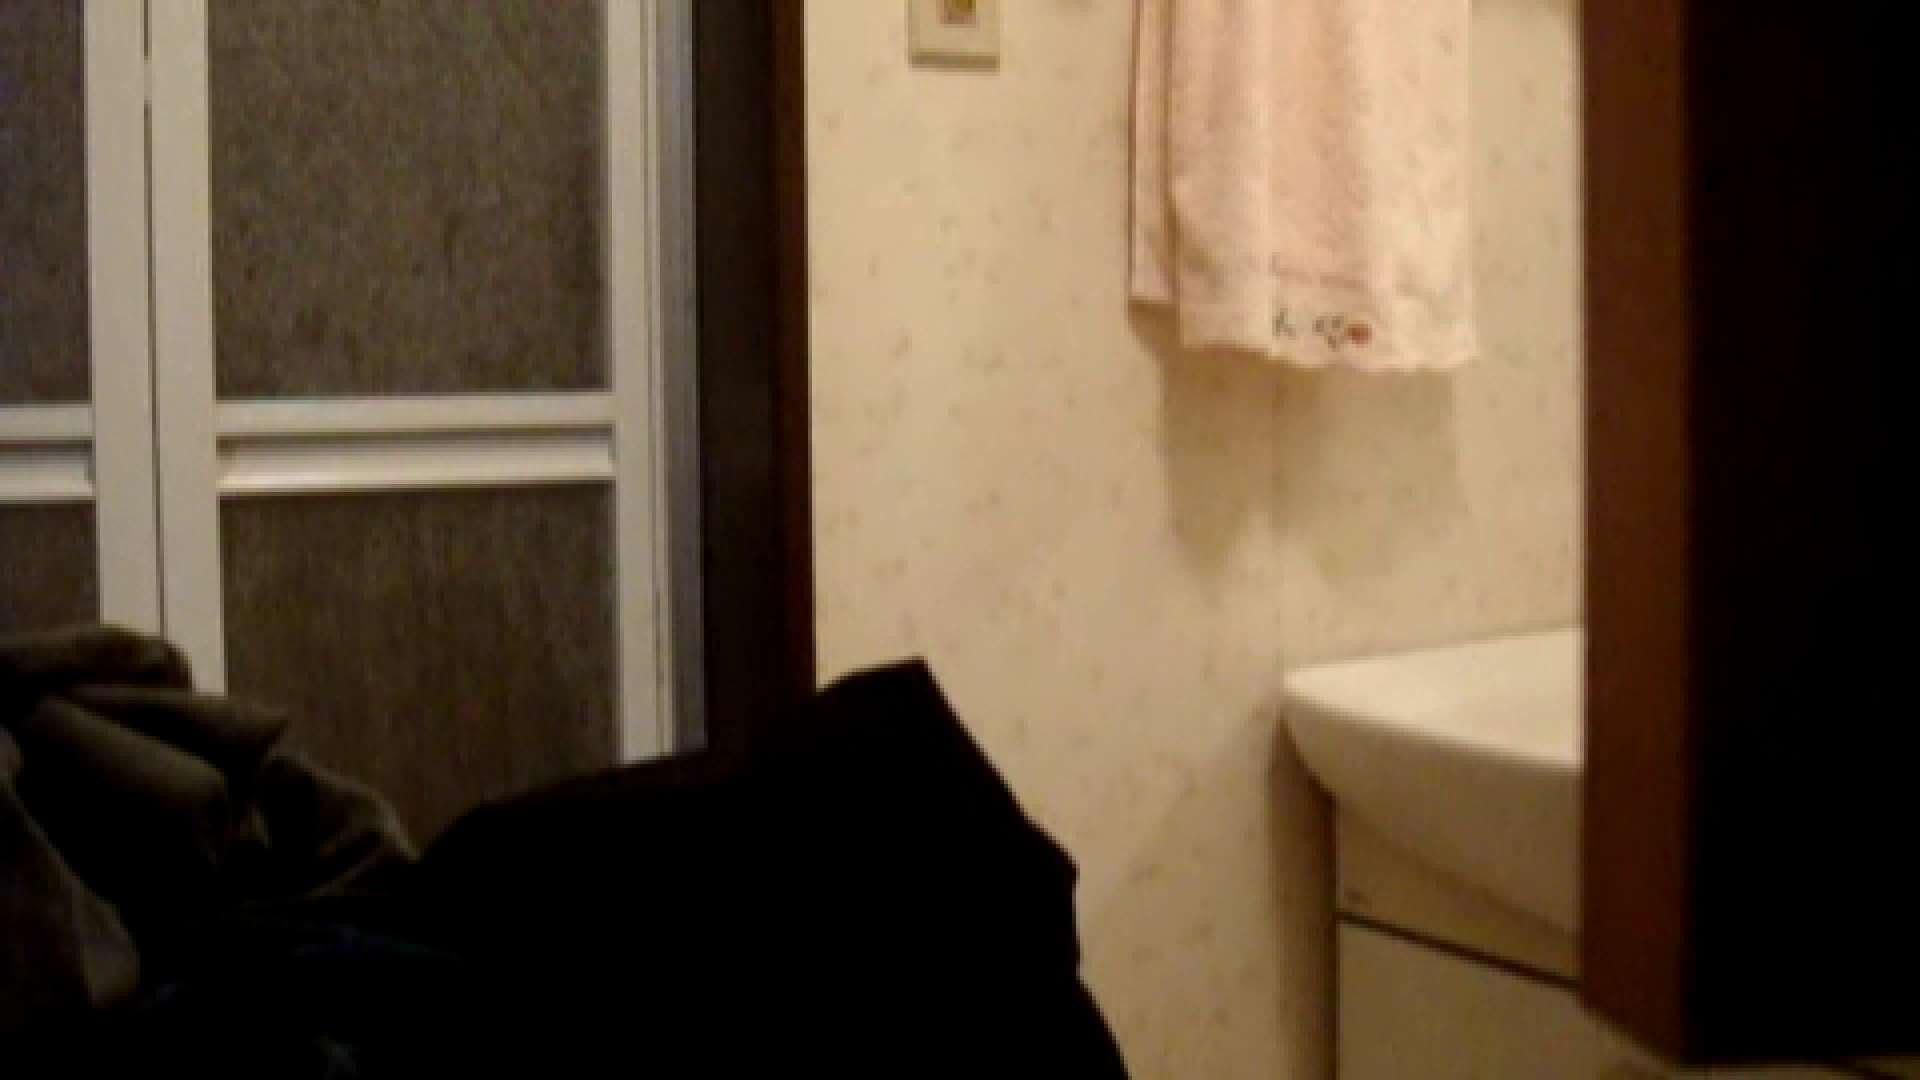 二人とも育てた甲斐がありました… vol.08 まどかの入浴中にカメラに気付いたか!? 綺麗なOLたち  90枚 26